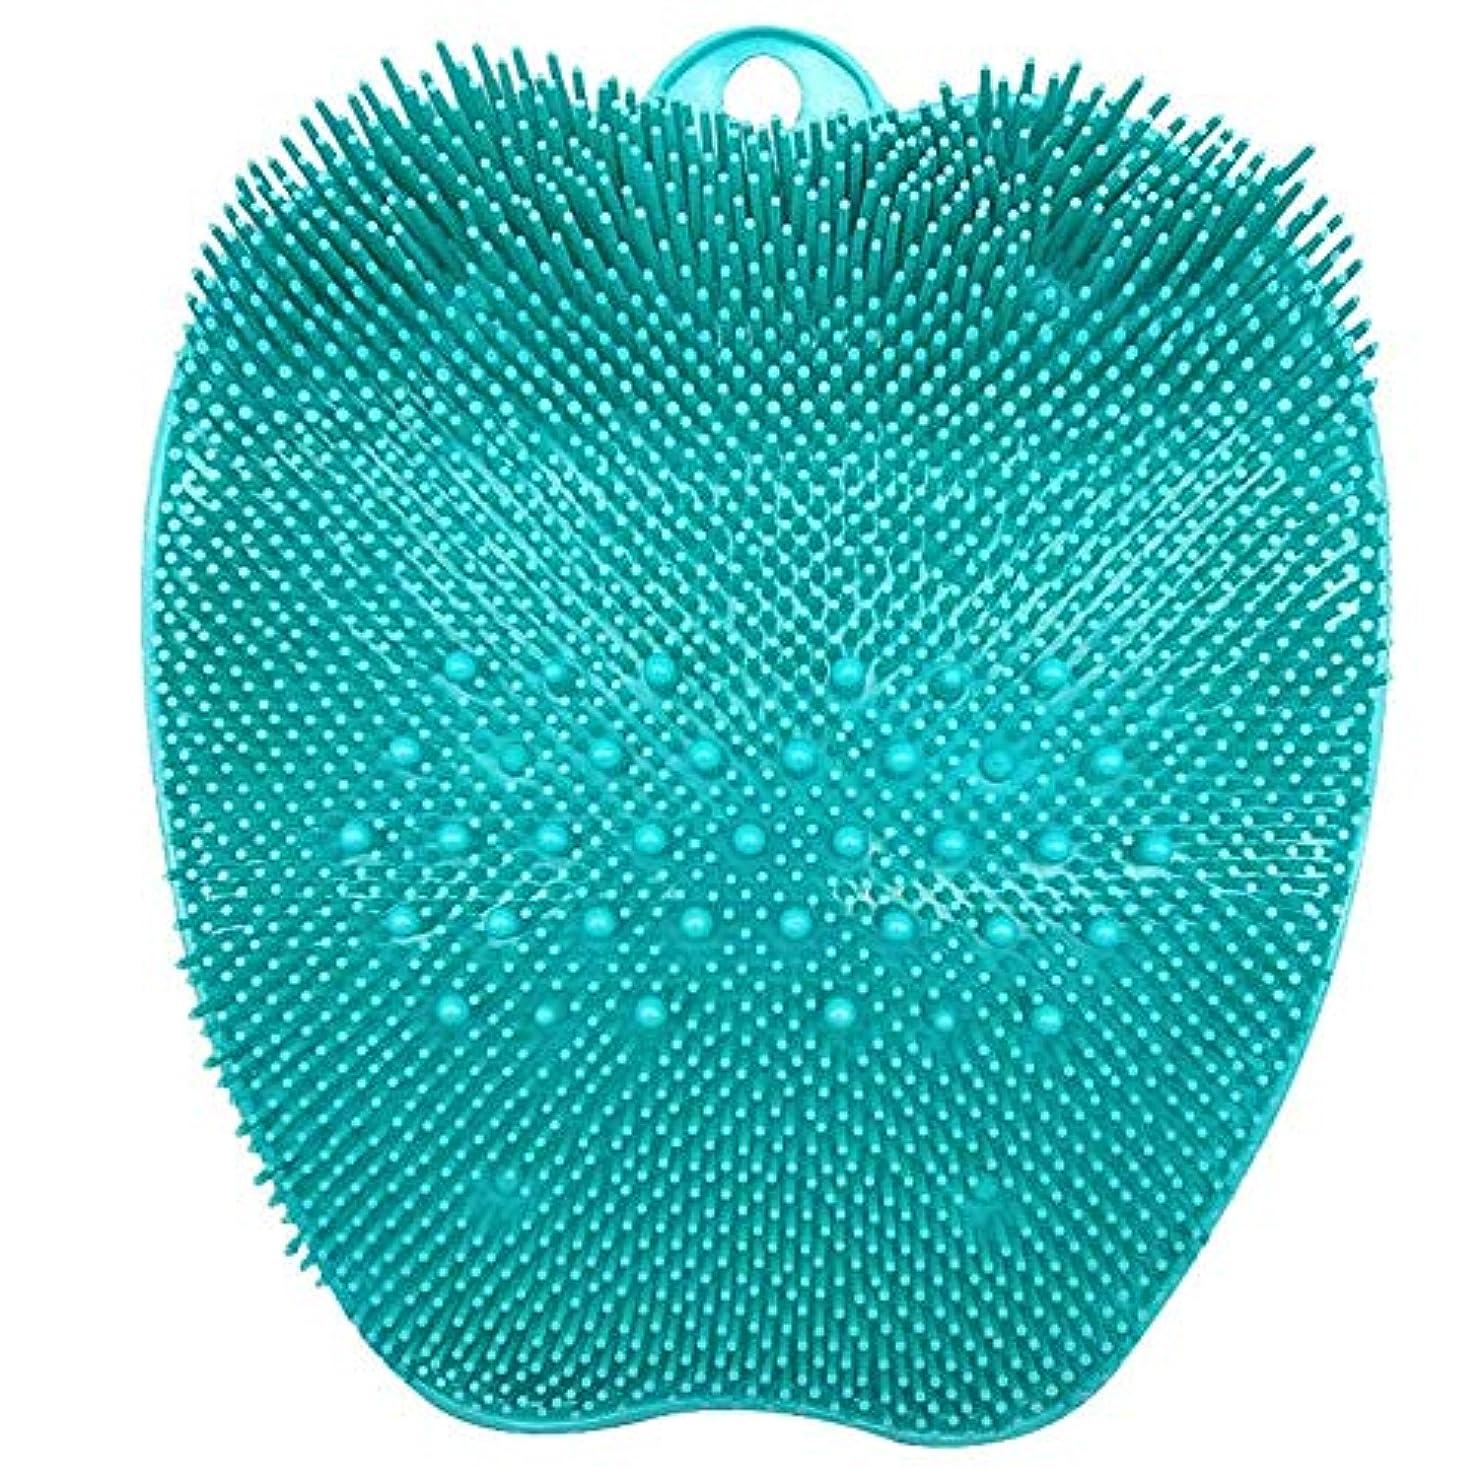 ホテルヒロイックバットCatChi フットブラシ 足洗いマット 汚れ除去 足裏マッサージ 角質ケアブラシ ストレス解消 お風呂用